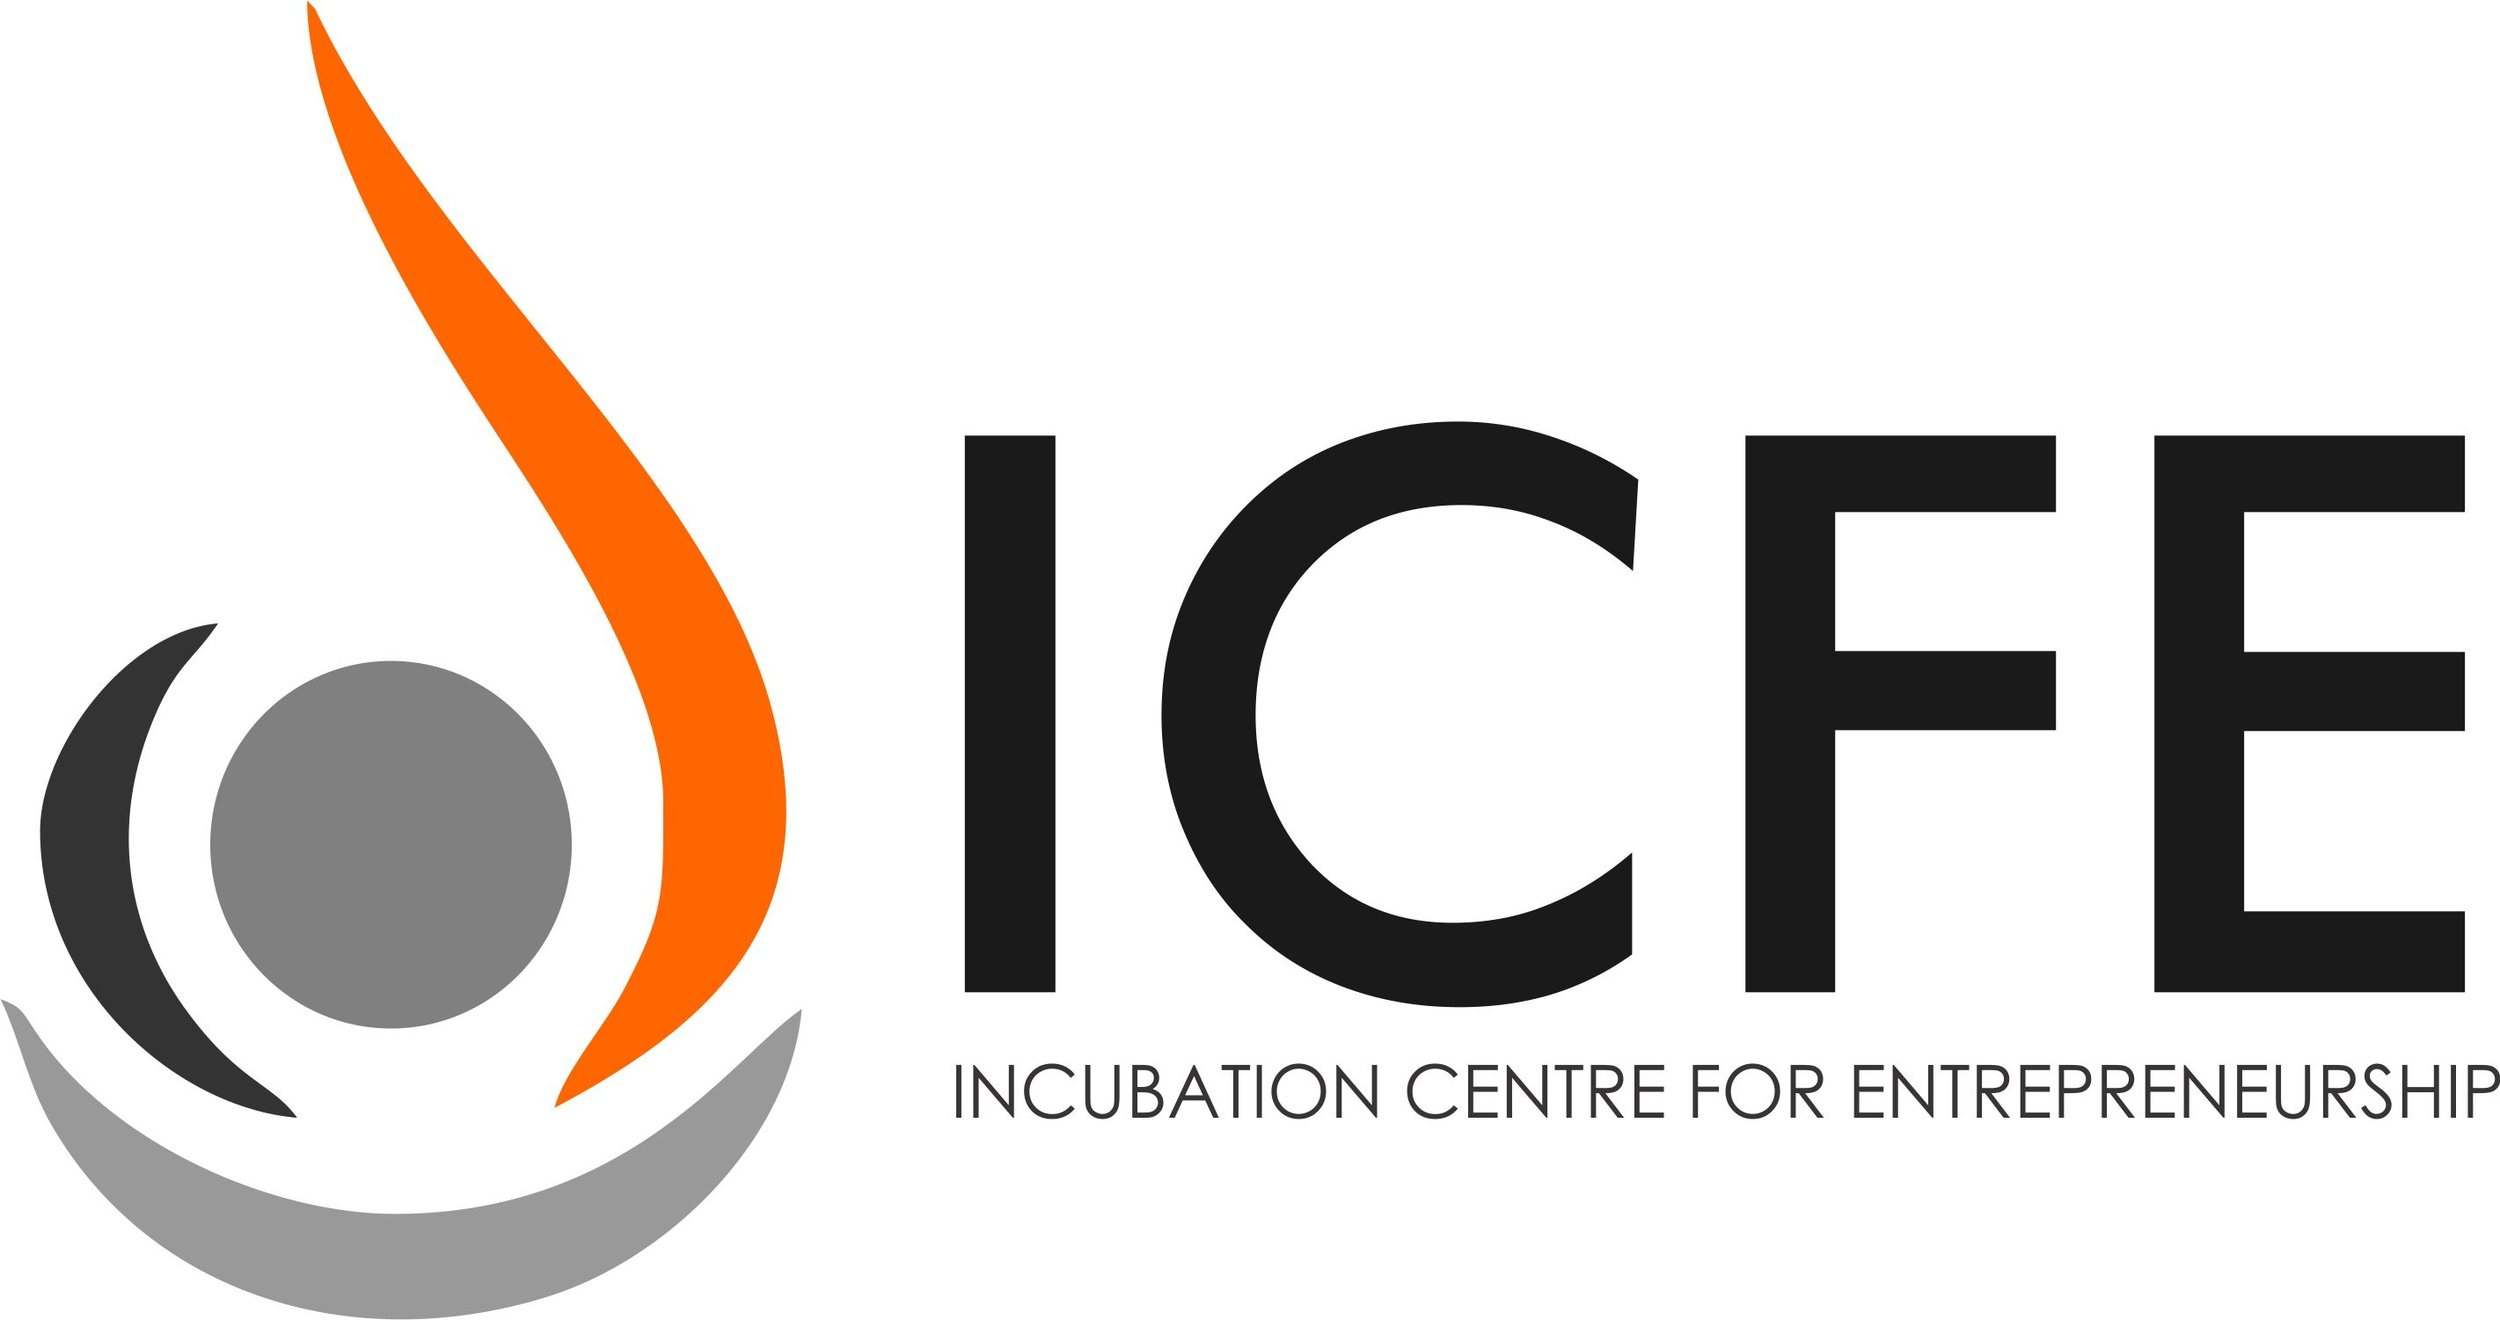 Incubation Centre for Entrepreneurship.jpg